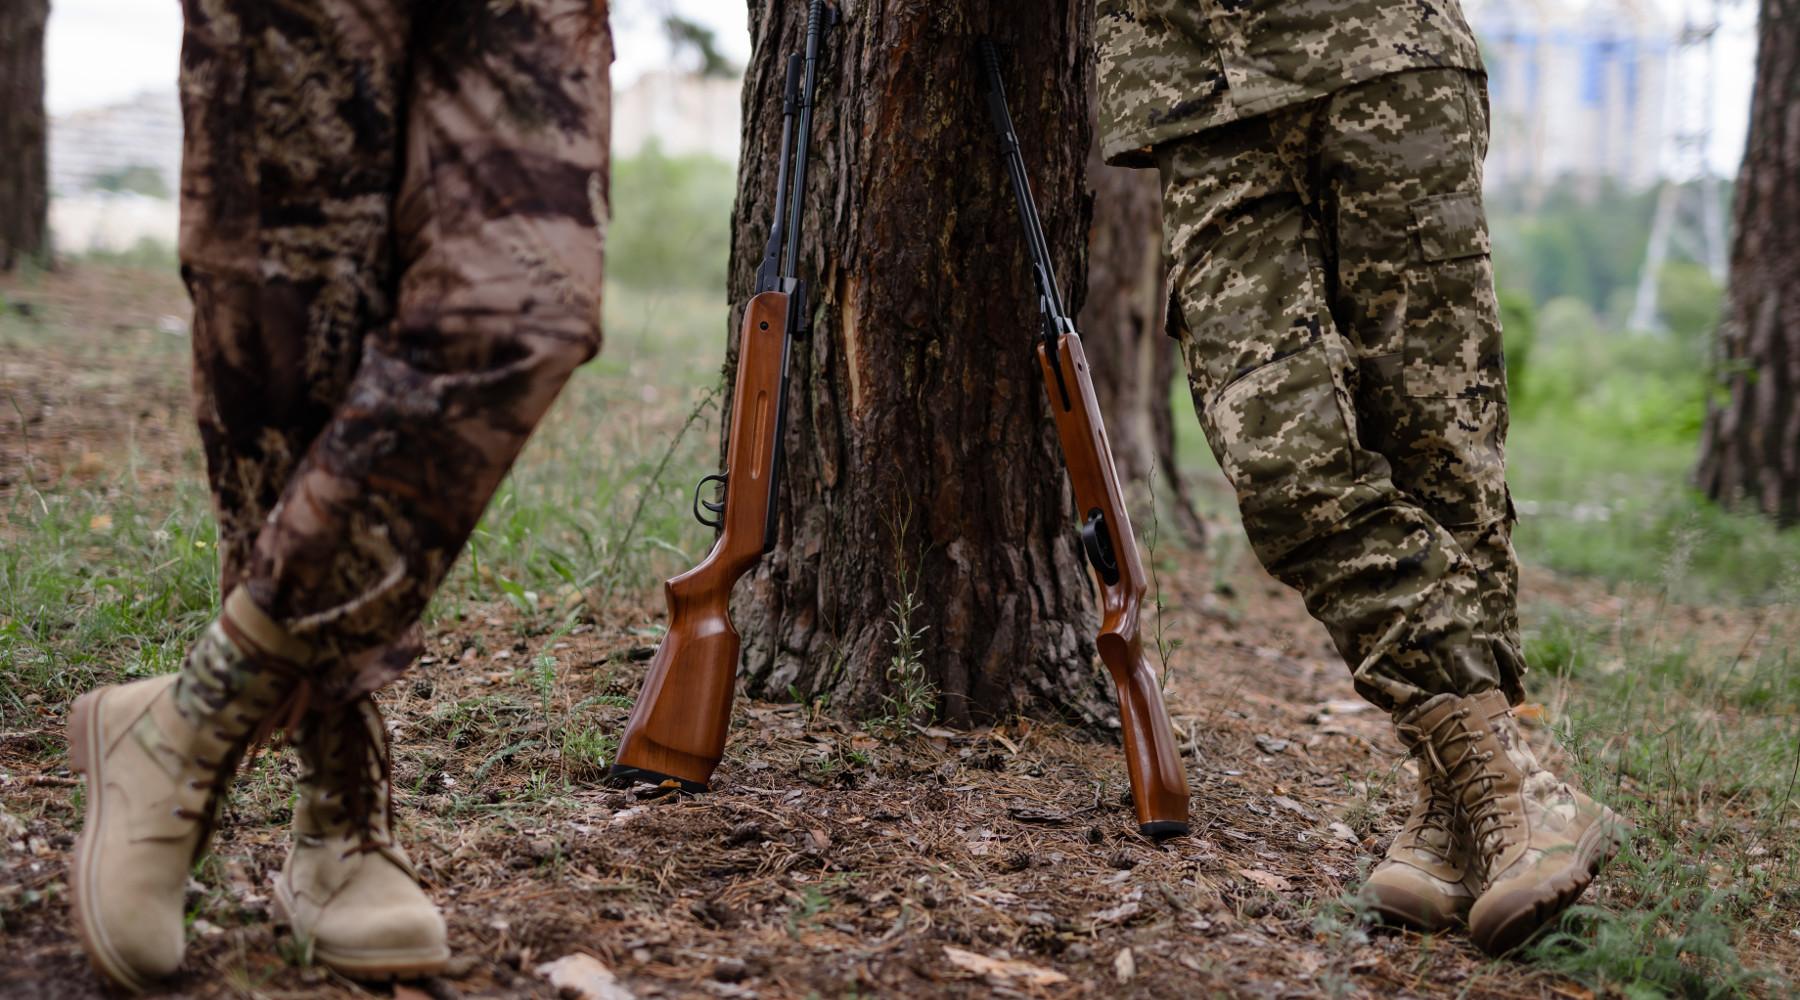 Misure anticontagio: due cacciatori appoggiati al tronco di un albero